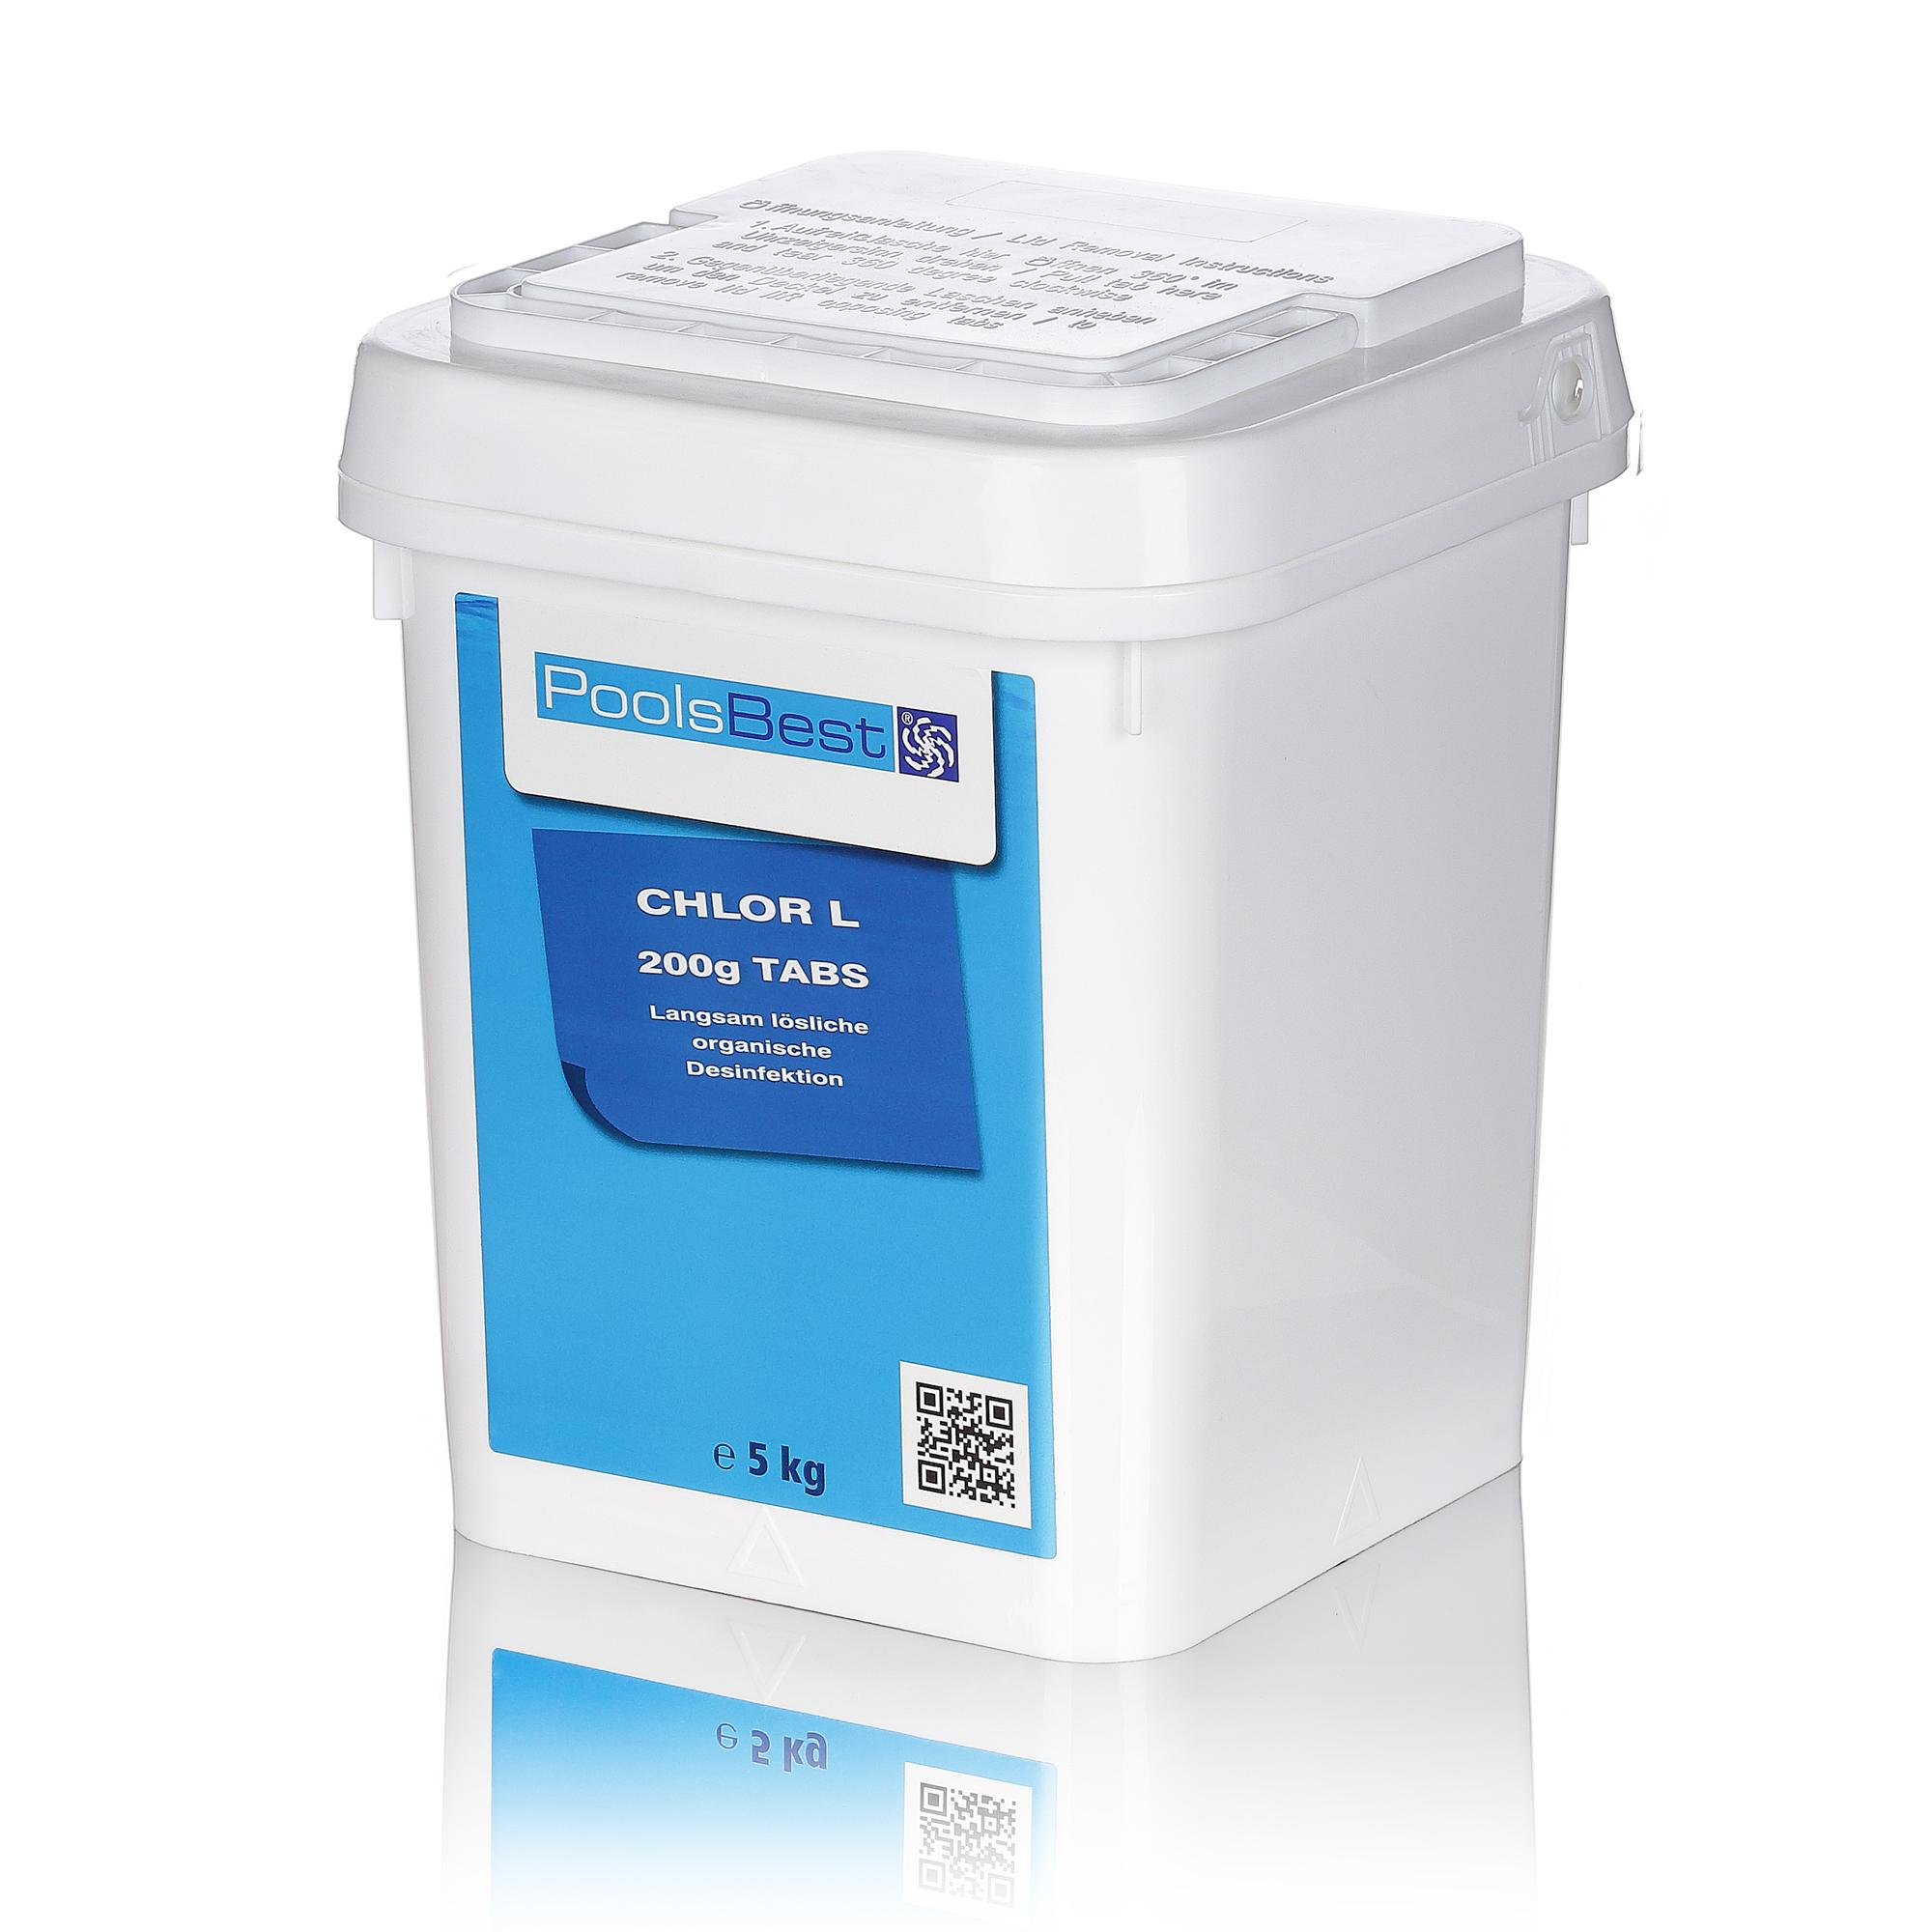 5 kg poolsbest langzeit chlor tabletten 200gr chlortabletten. Black Bedroom Furniture Sets. Home Design Ideas